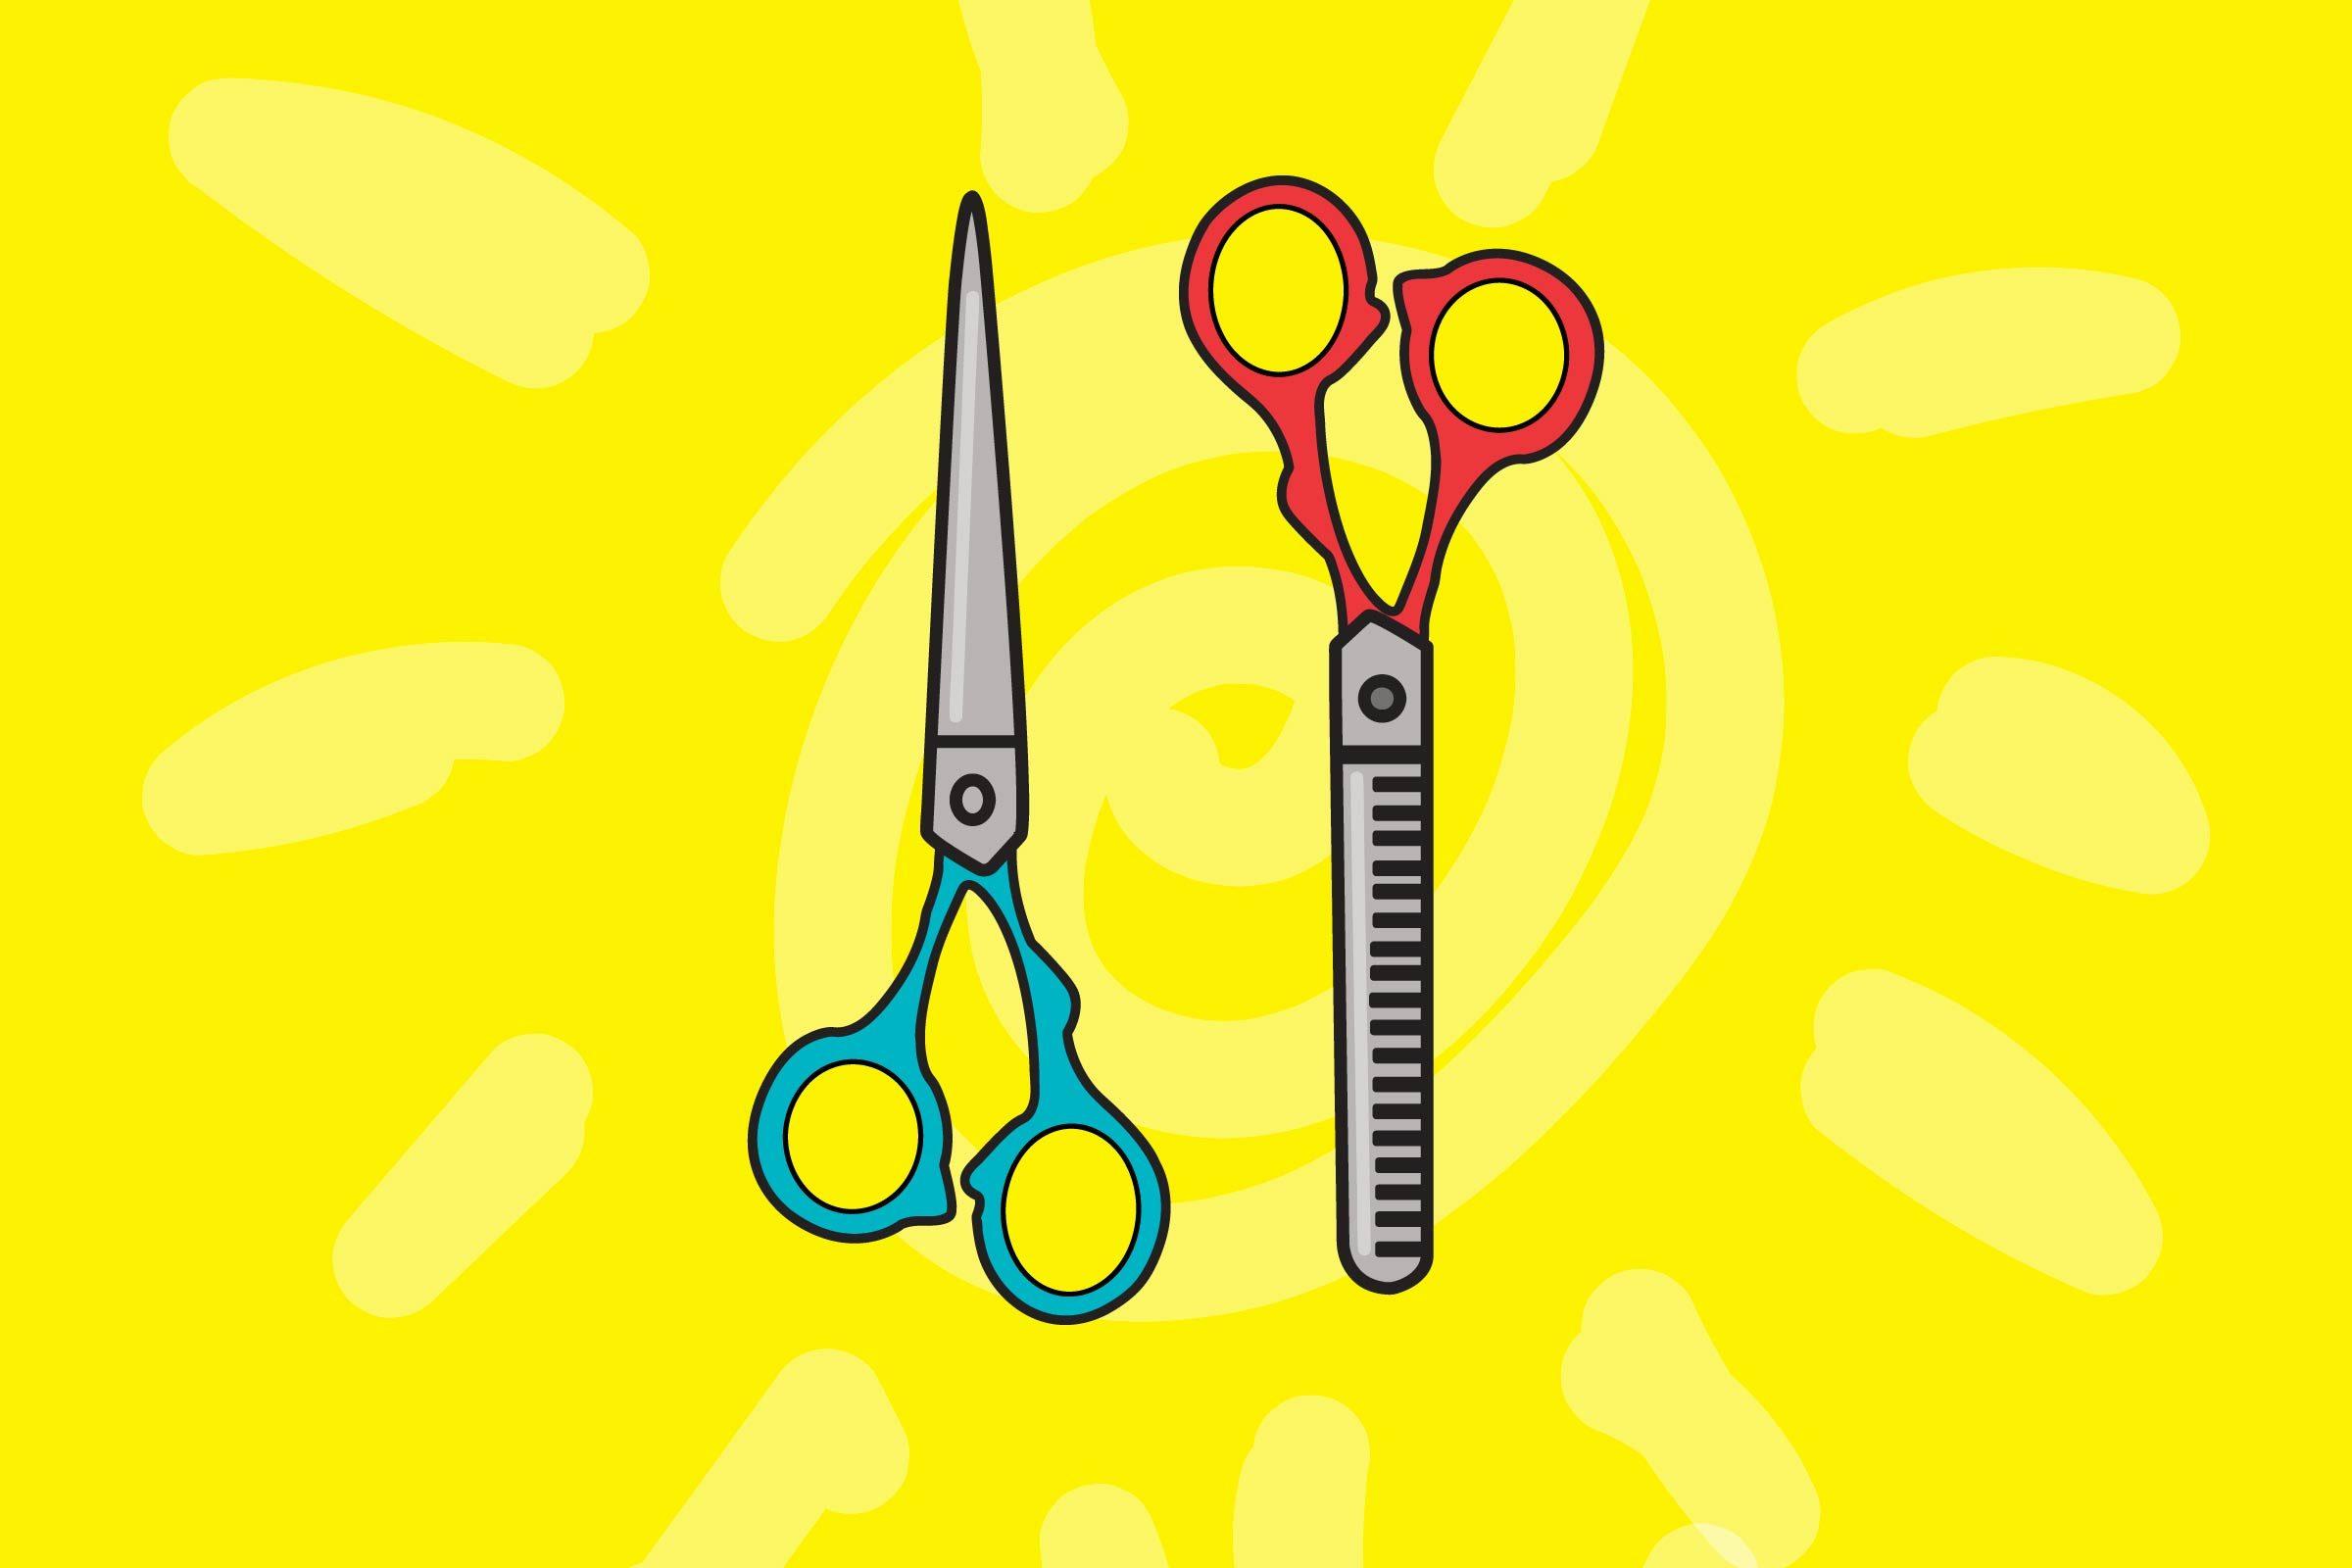 illustration of hair scissors